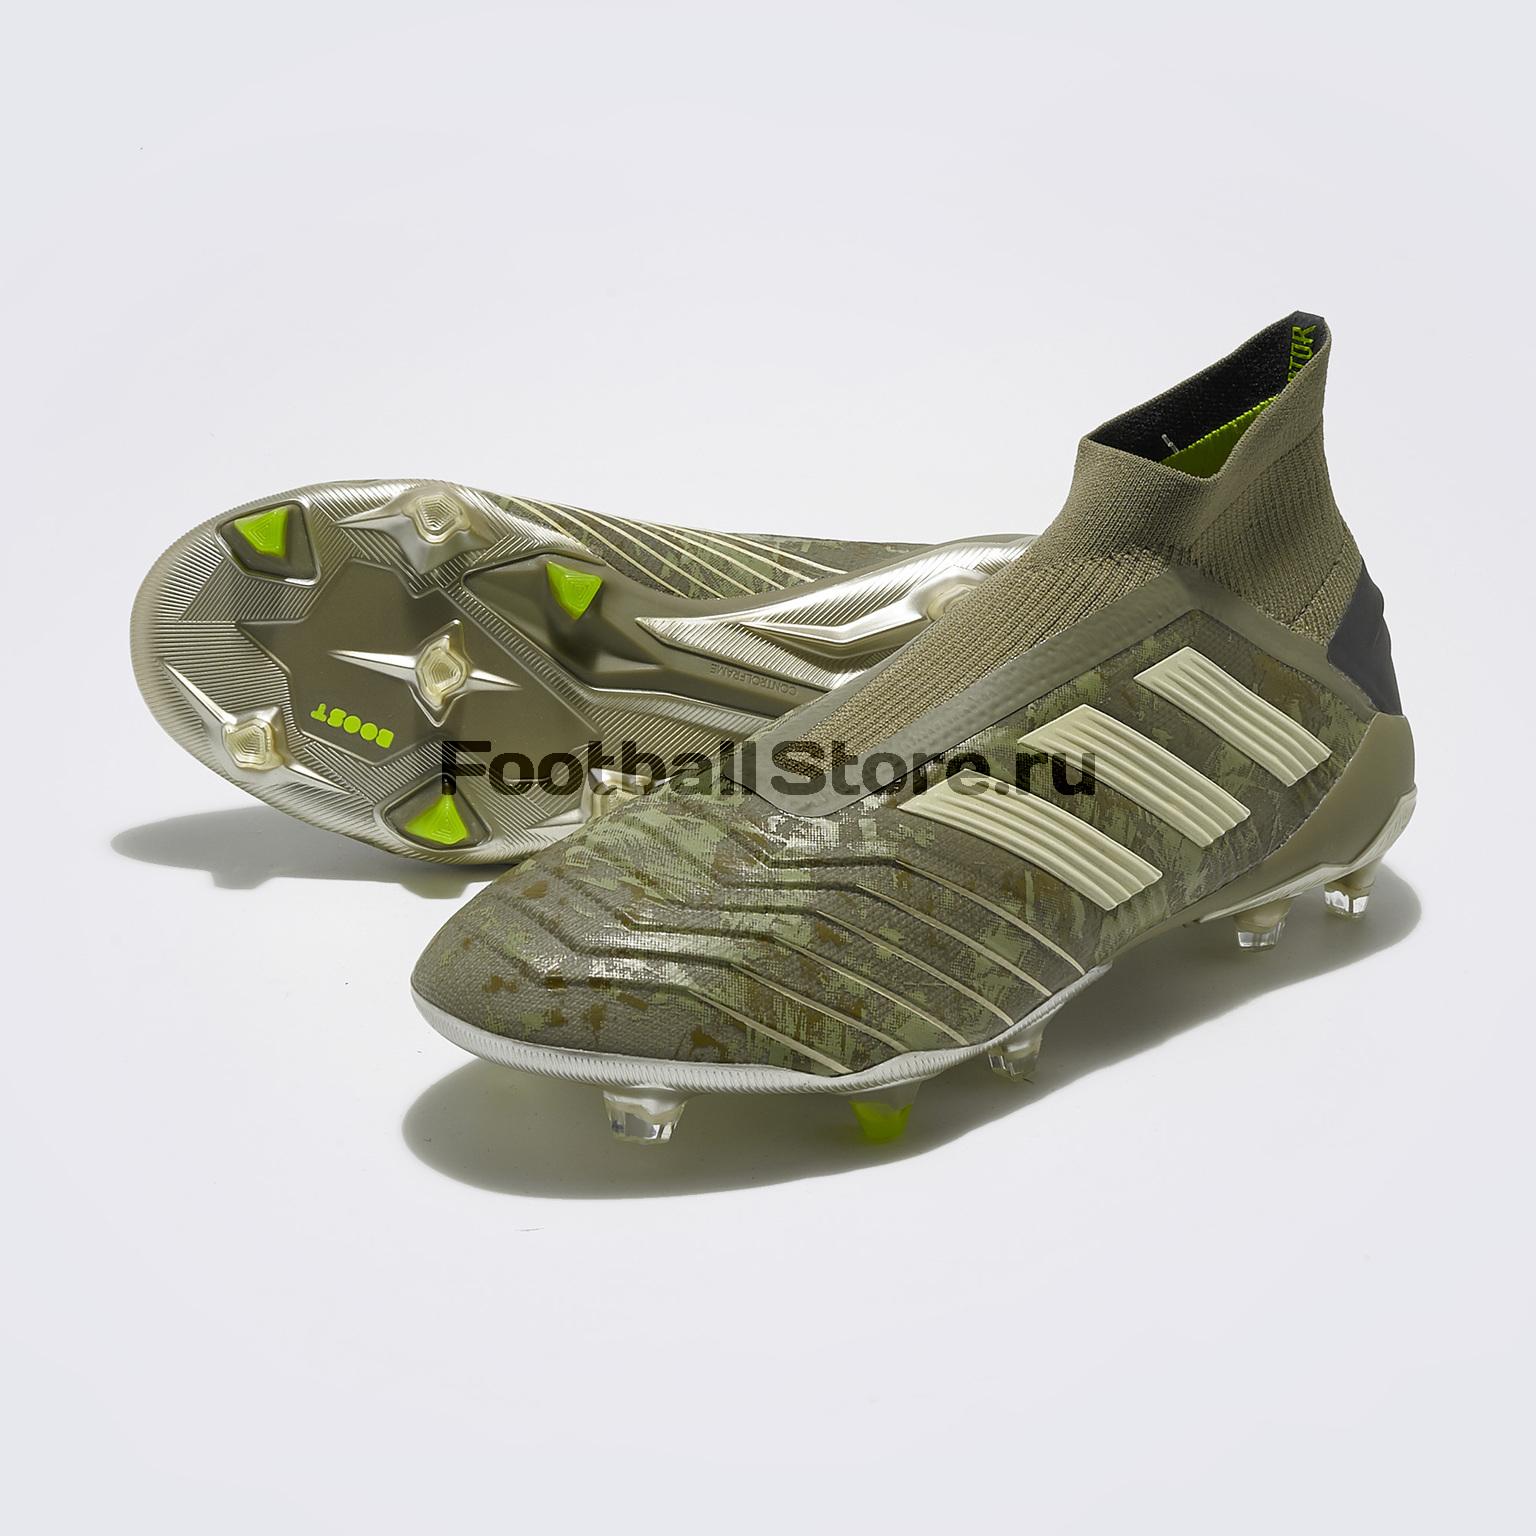 Бутсы Adidas Predator 19+ FG EF8204 бутсы adidas predator 18 3 fg db2001